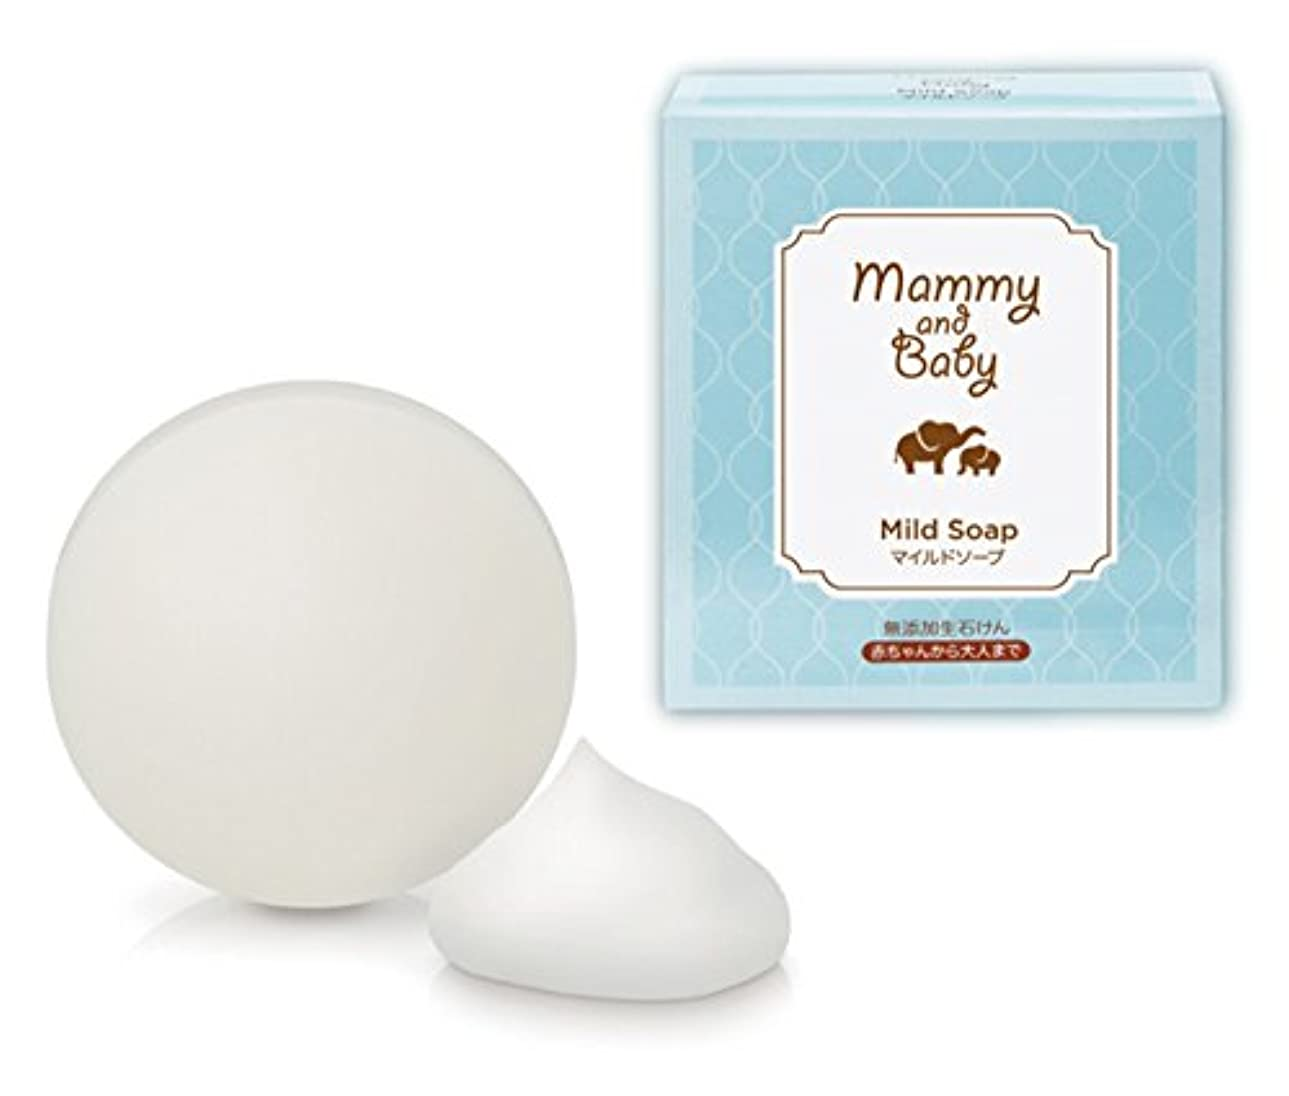 サンドイッチバック読書Mammy & Baby マイルドソープ 無添加生石鹸 2個組